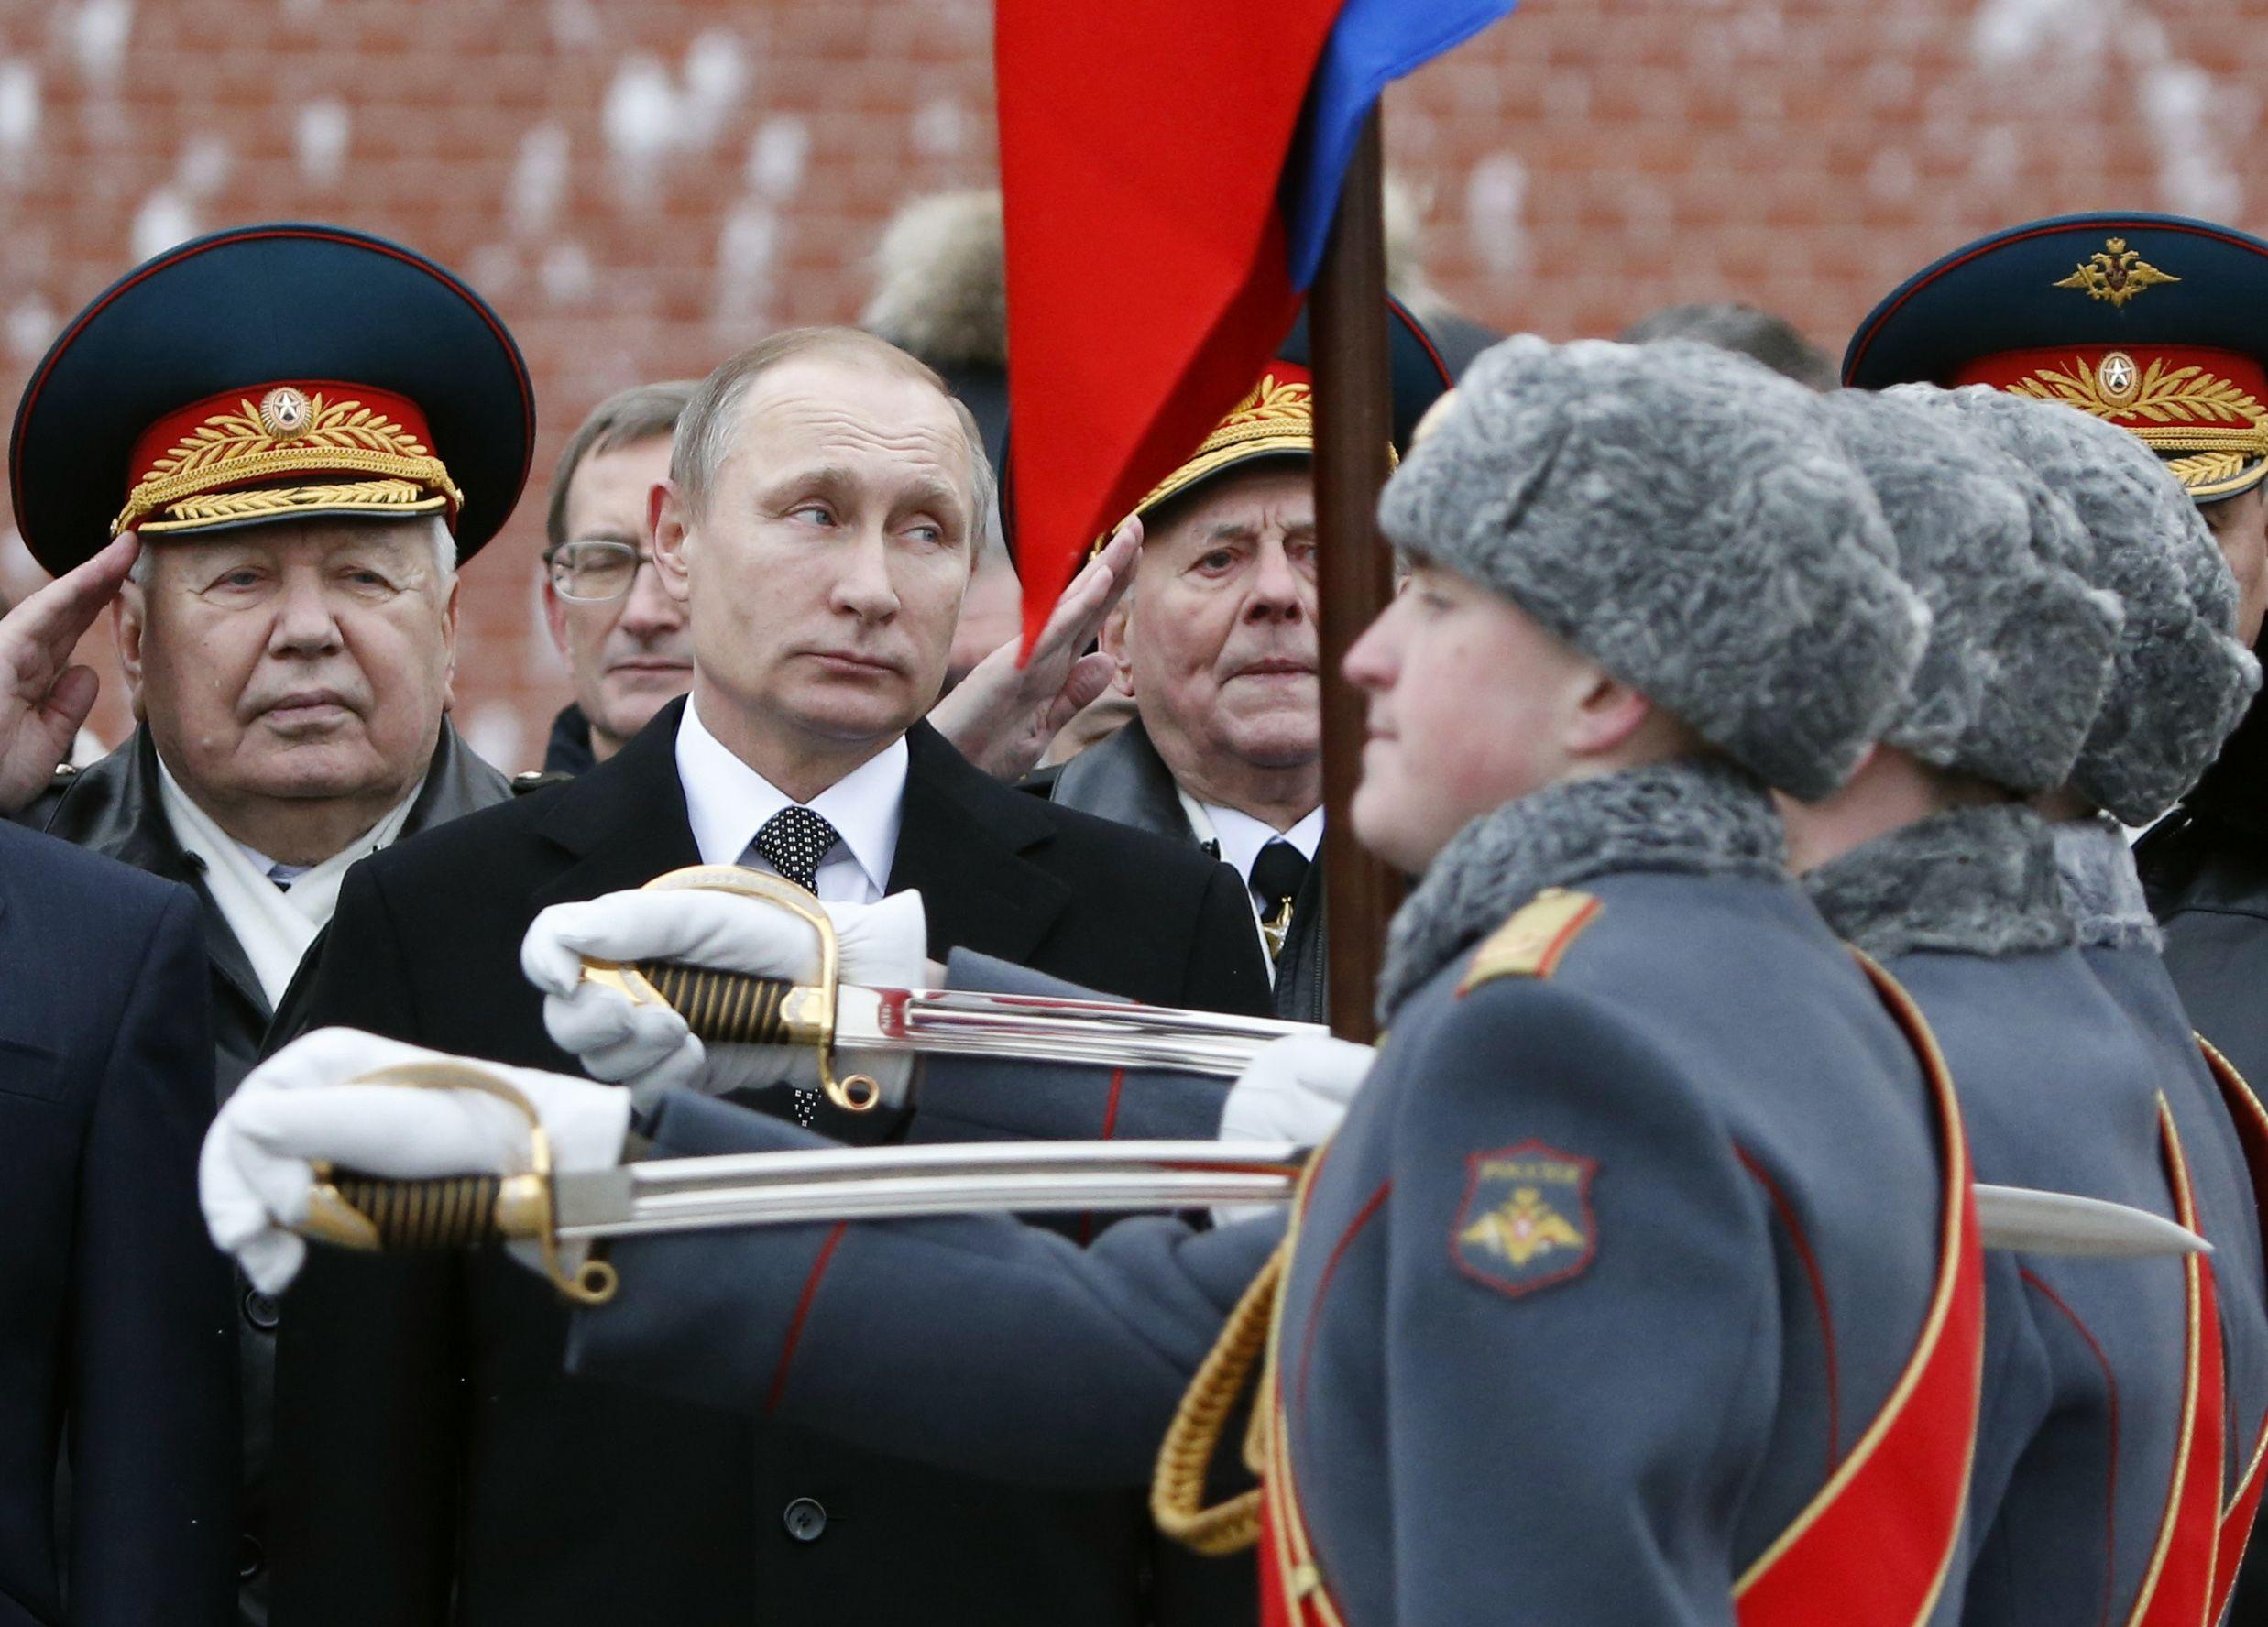 Putin honour guard